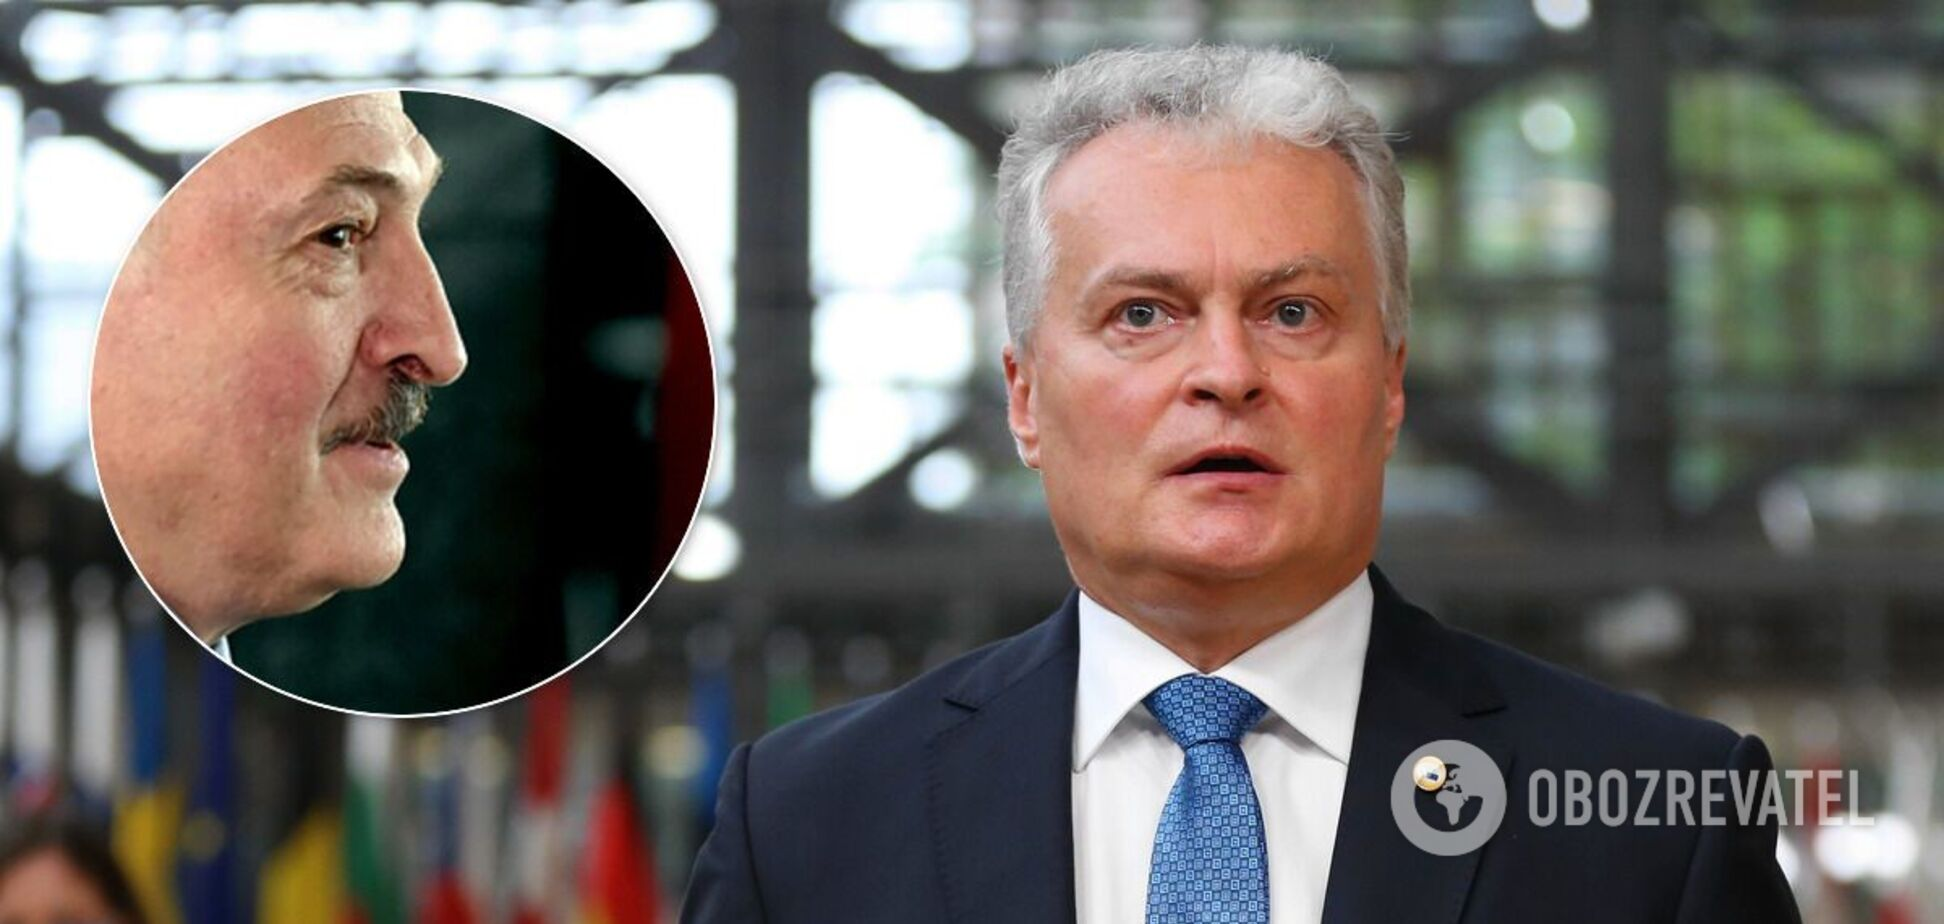 Гітанас Науседа поставив під сумнів легітимність Олександра Лукашенка